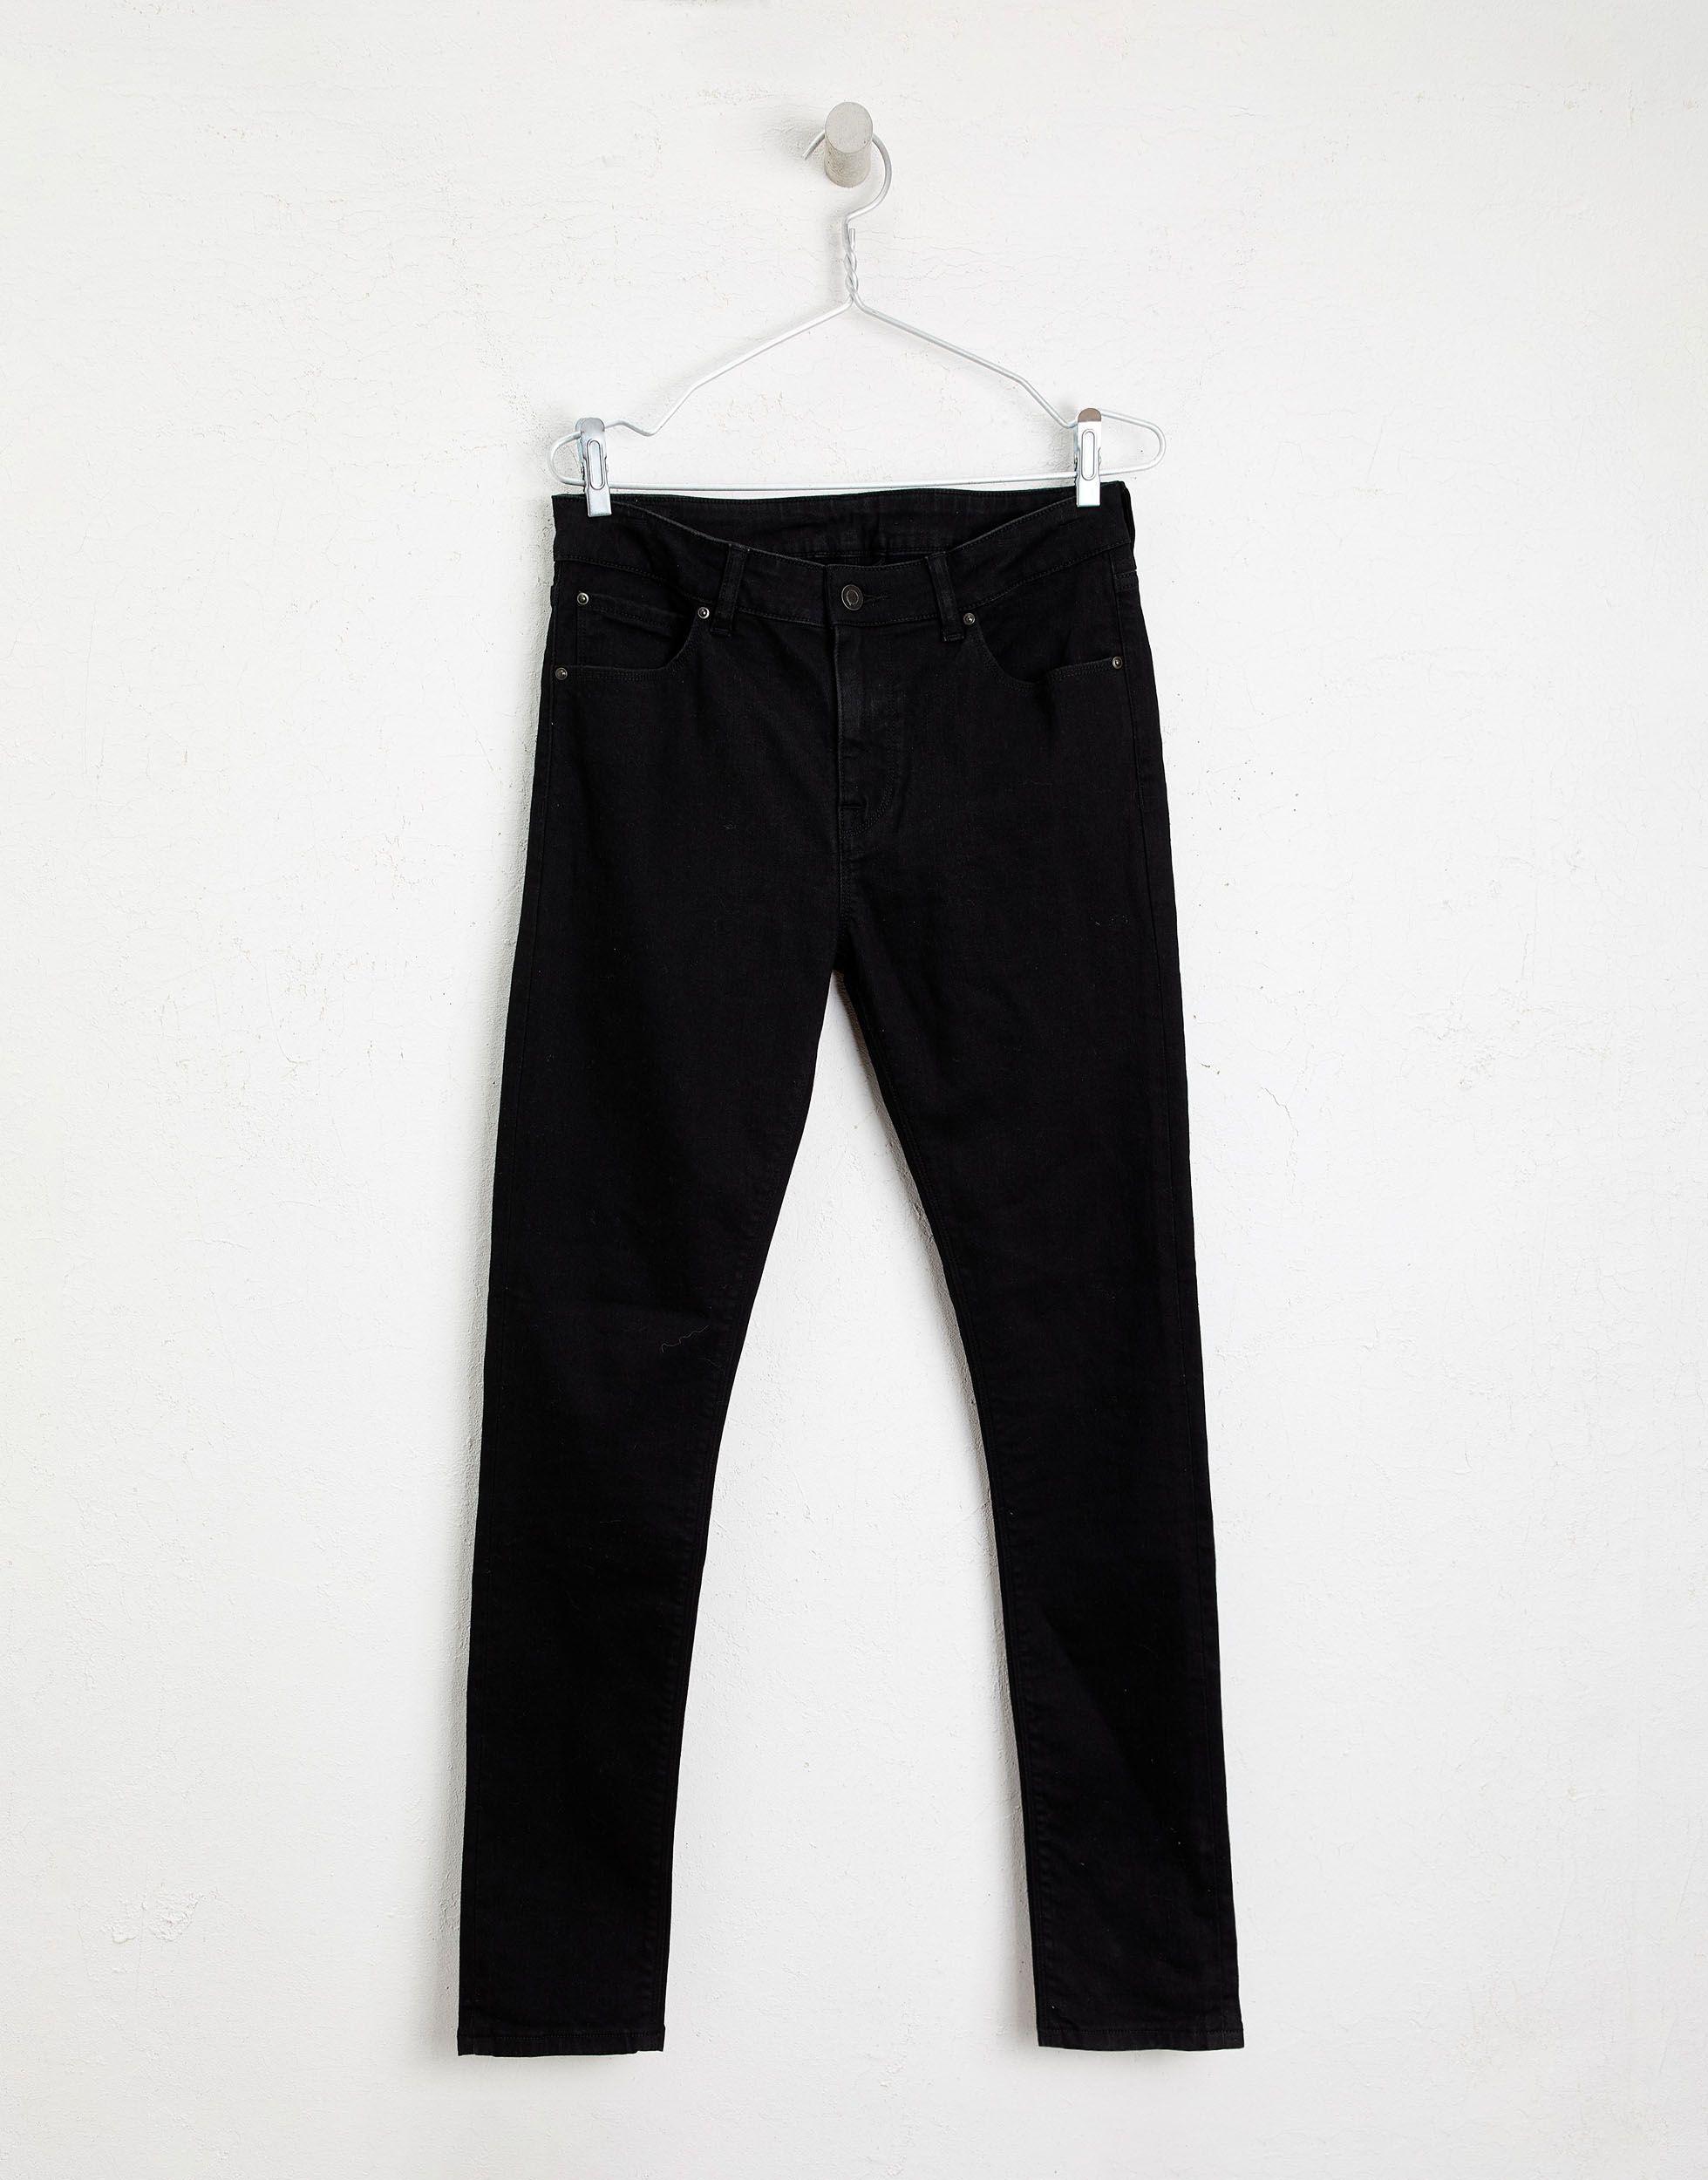 Heart & Dagger Denim Superskinny Jeans in het Zwart voor heren